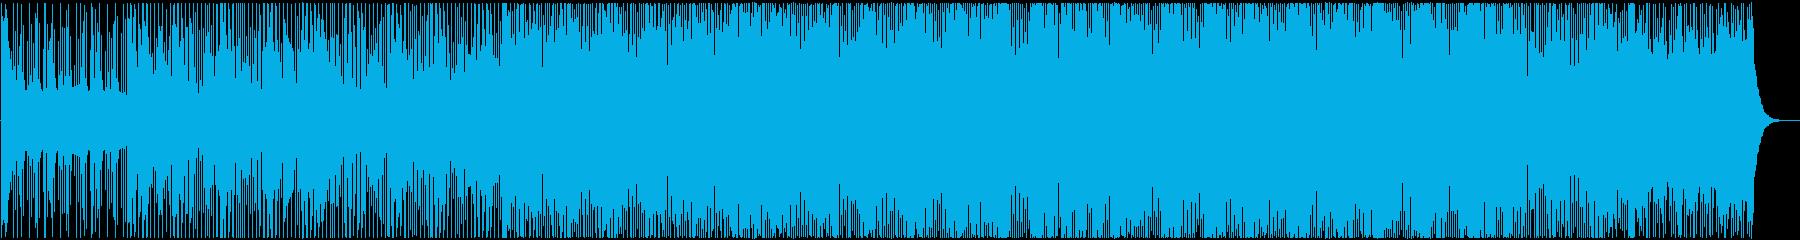 ゆったりテンポトのロピカルハウス Vo有の再生済みの波形